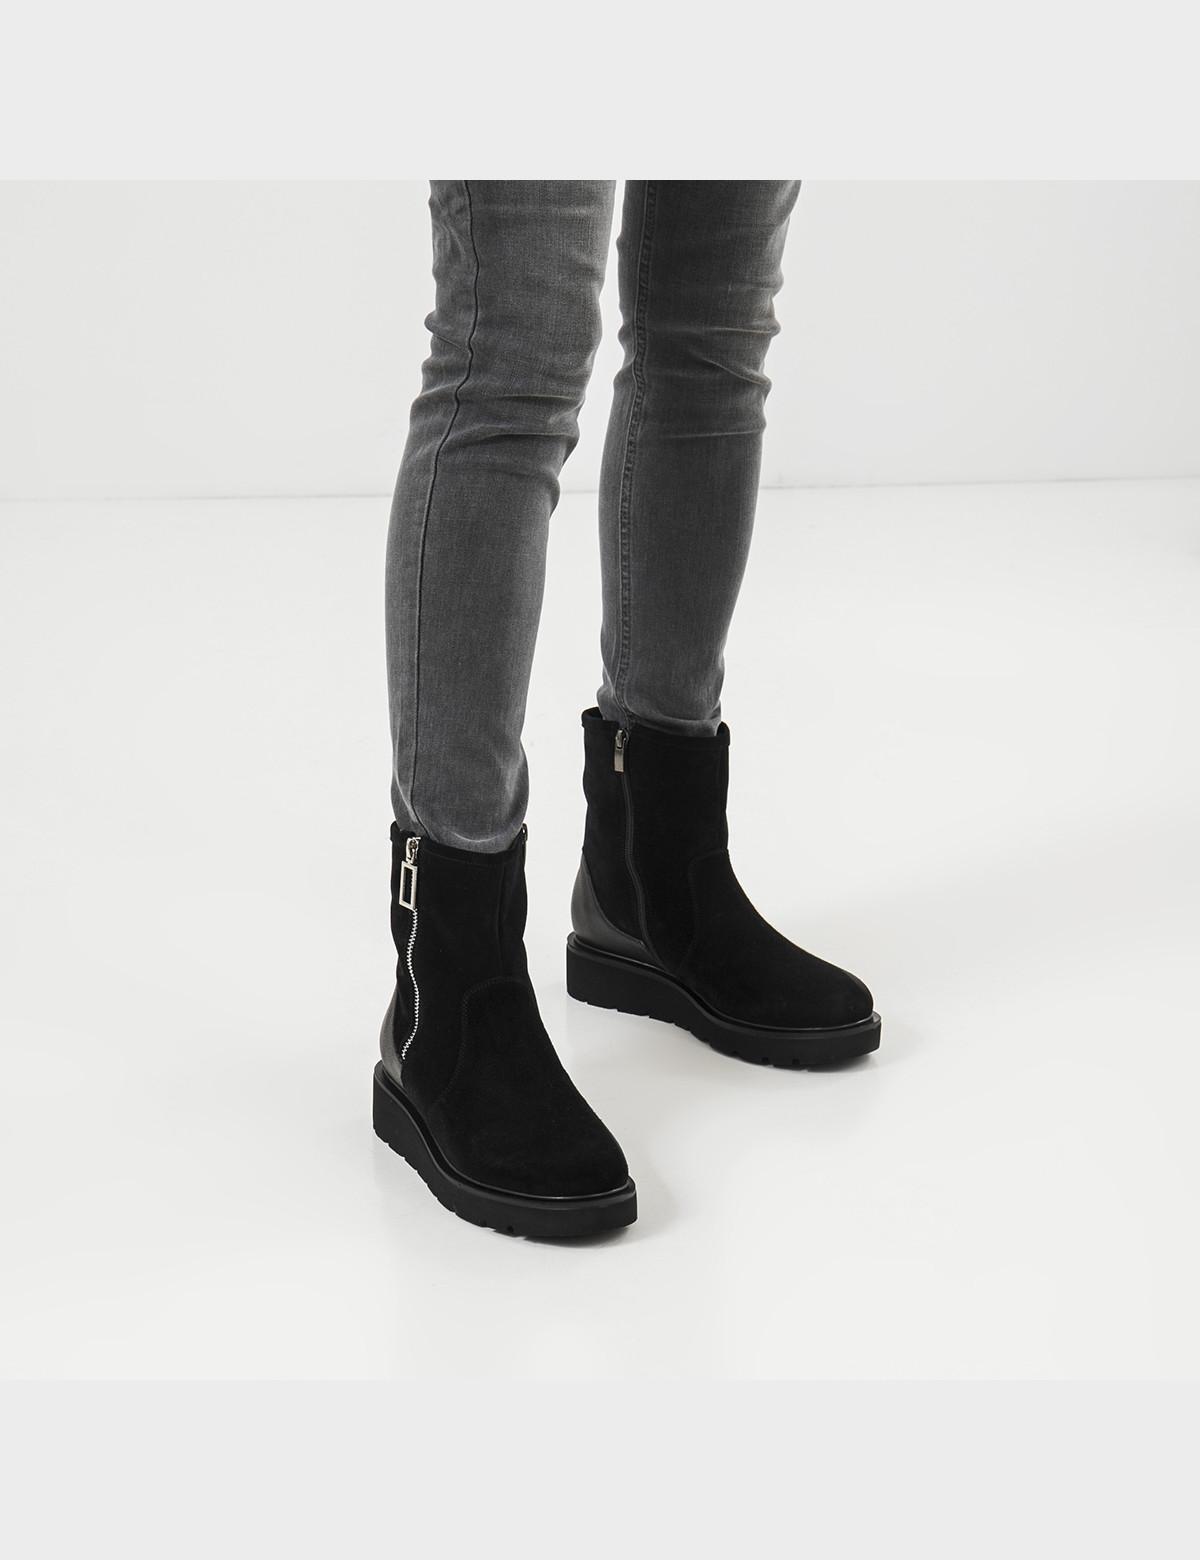 Ботинки черные натуральная замша/кожа. Шерсть5